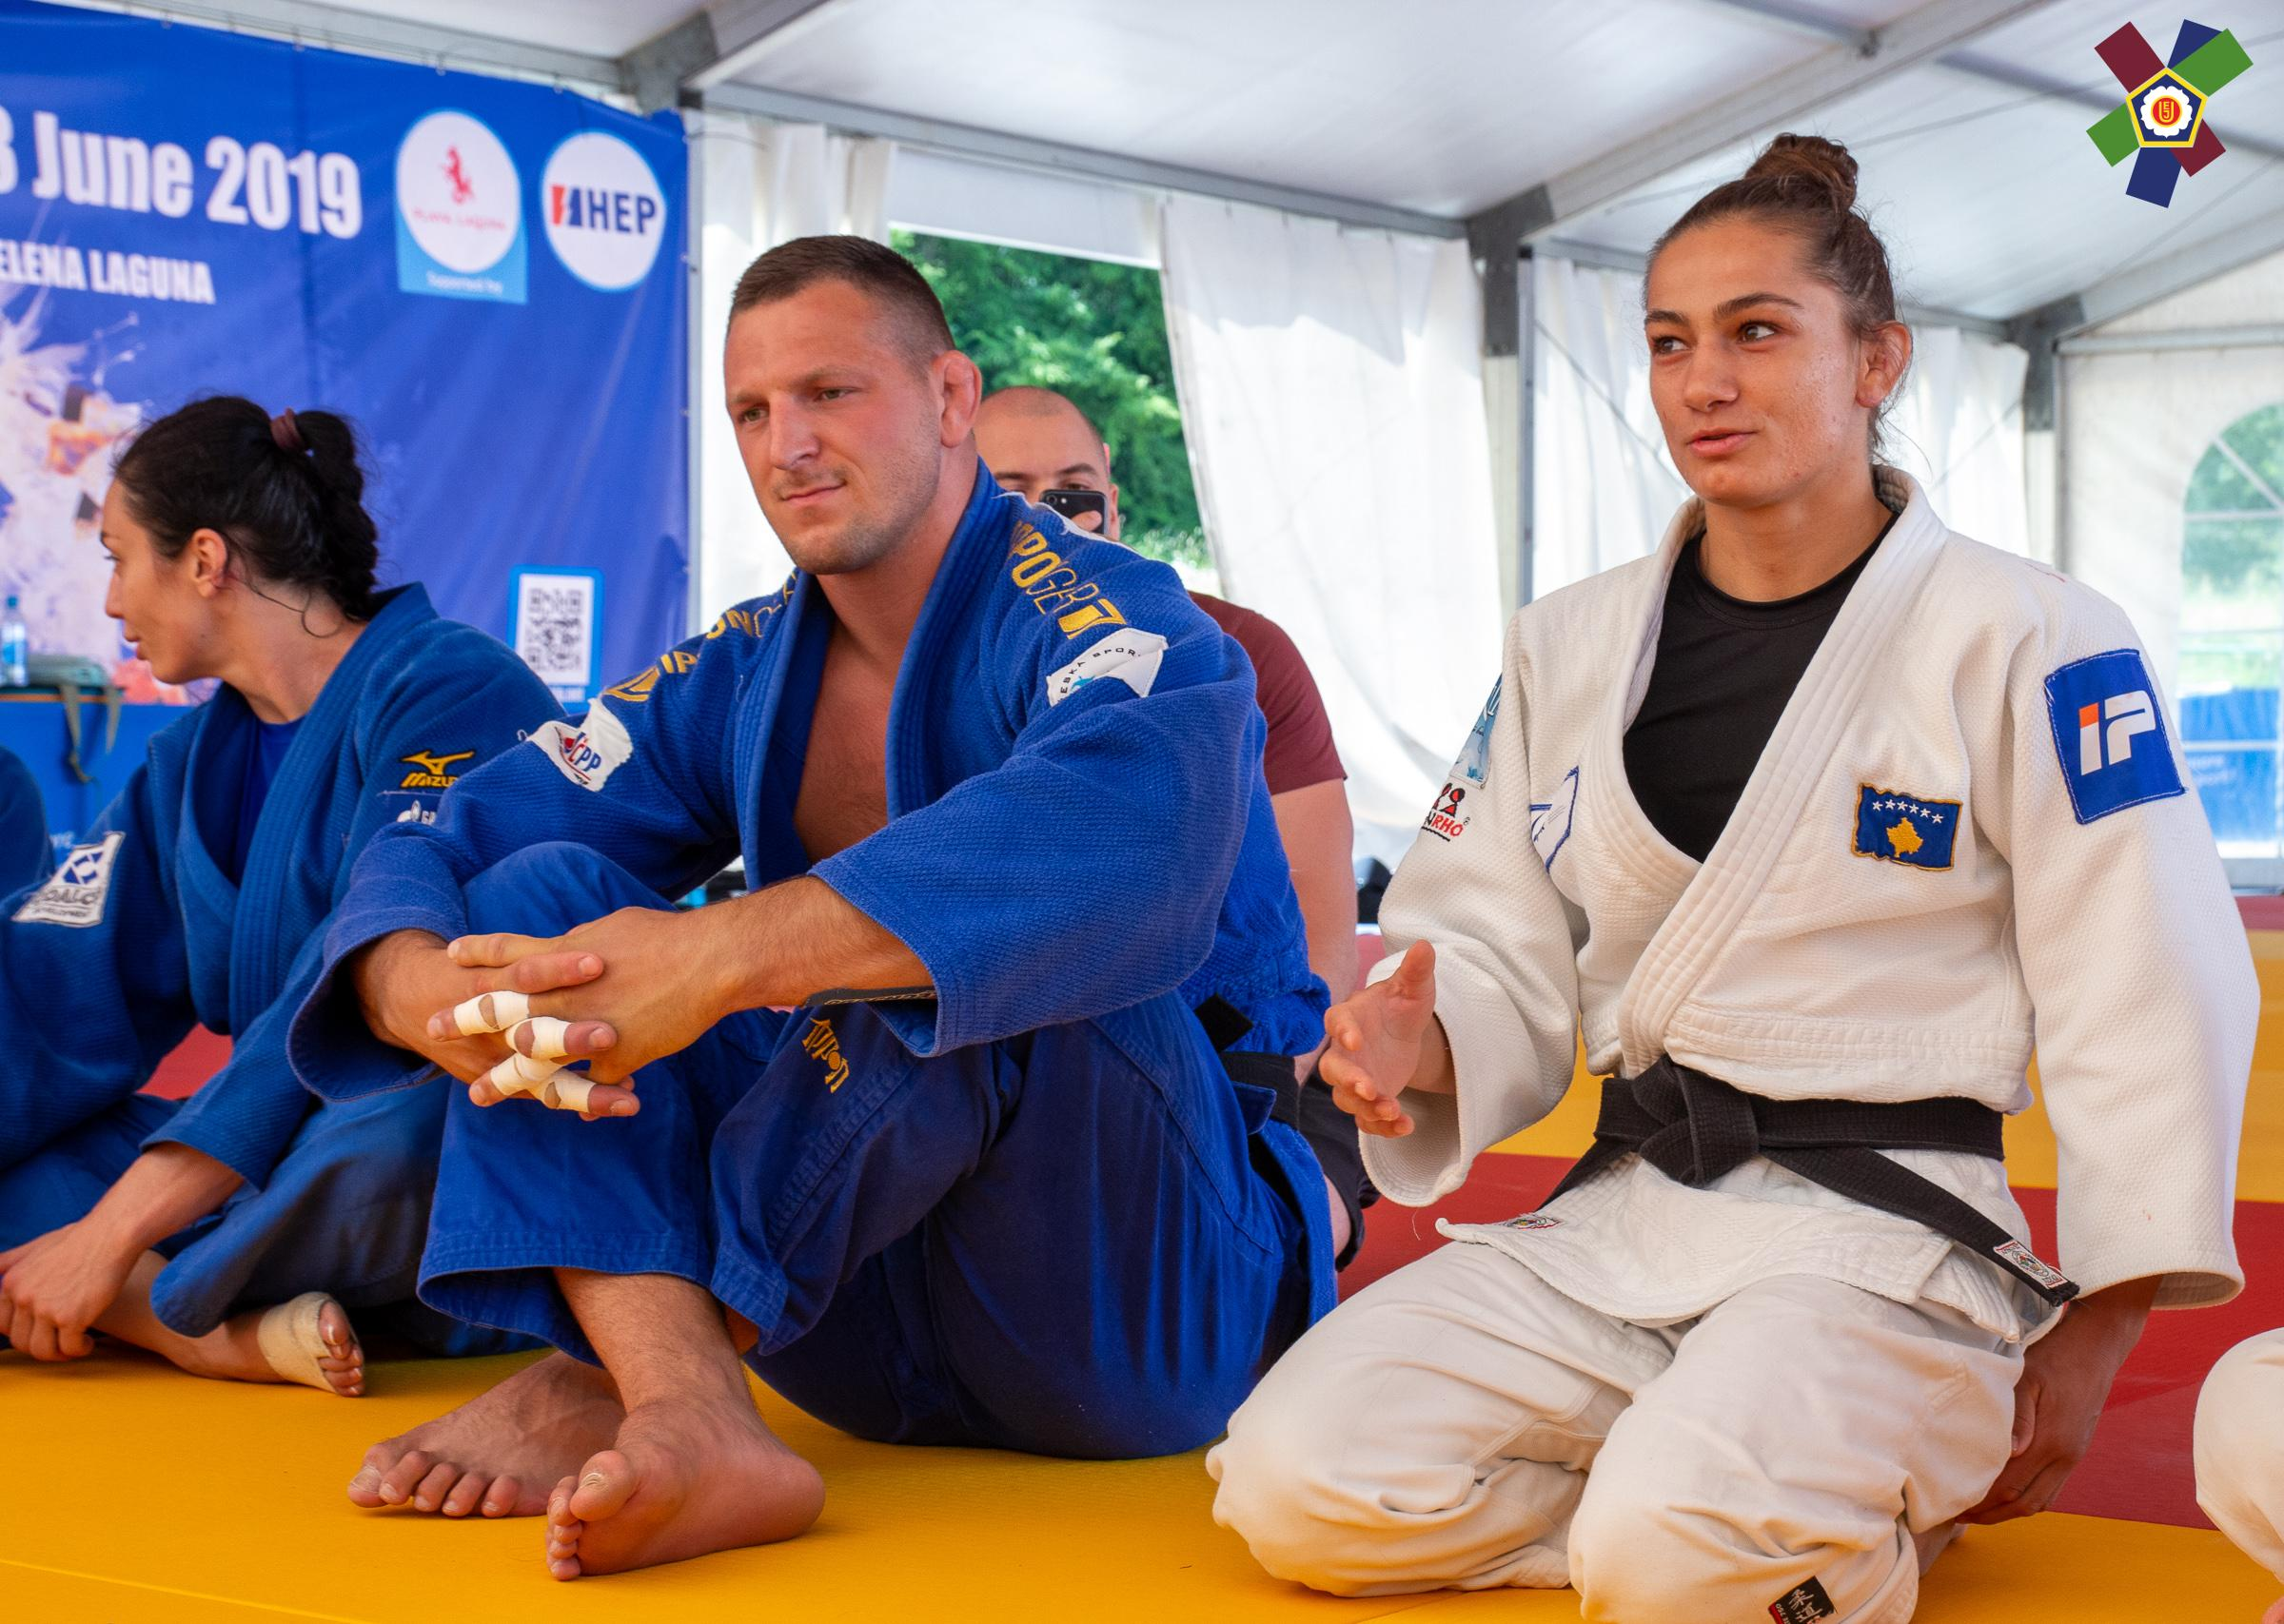 EJU-6th--Judo-Festival-Porec-2019-06-10-Sören-Starke-366026